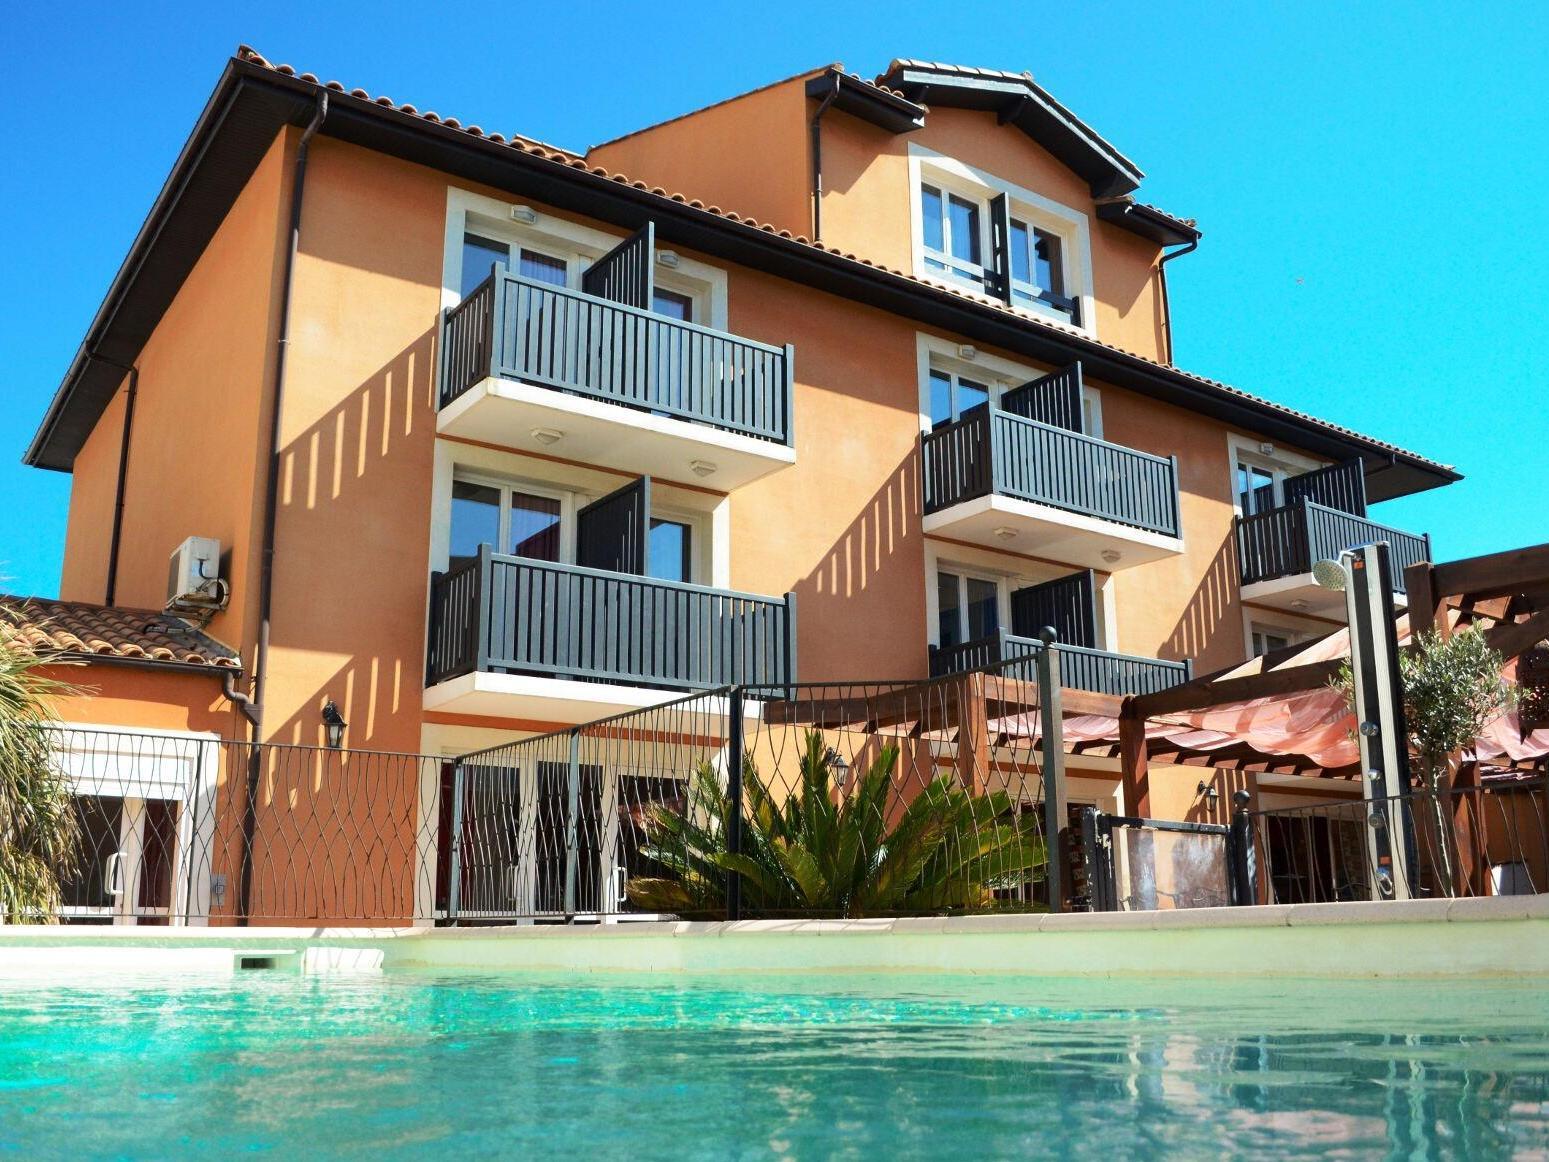 Logis h tel de la clape h tel logis narbonne s jour - Hotel narbonne plage avec piscine ...